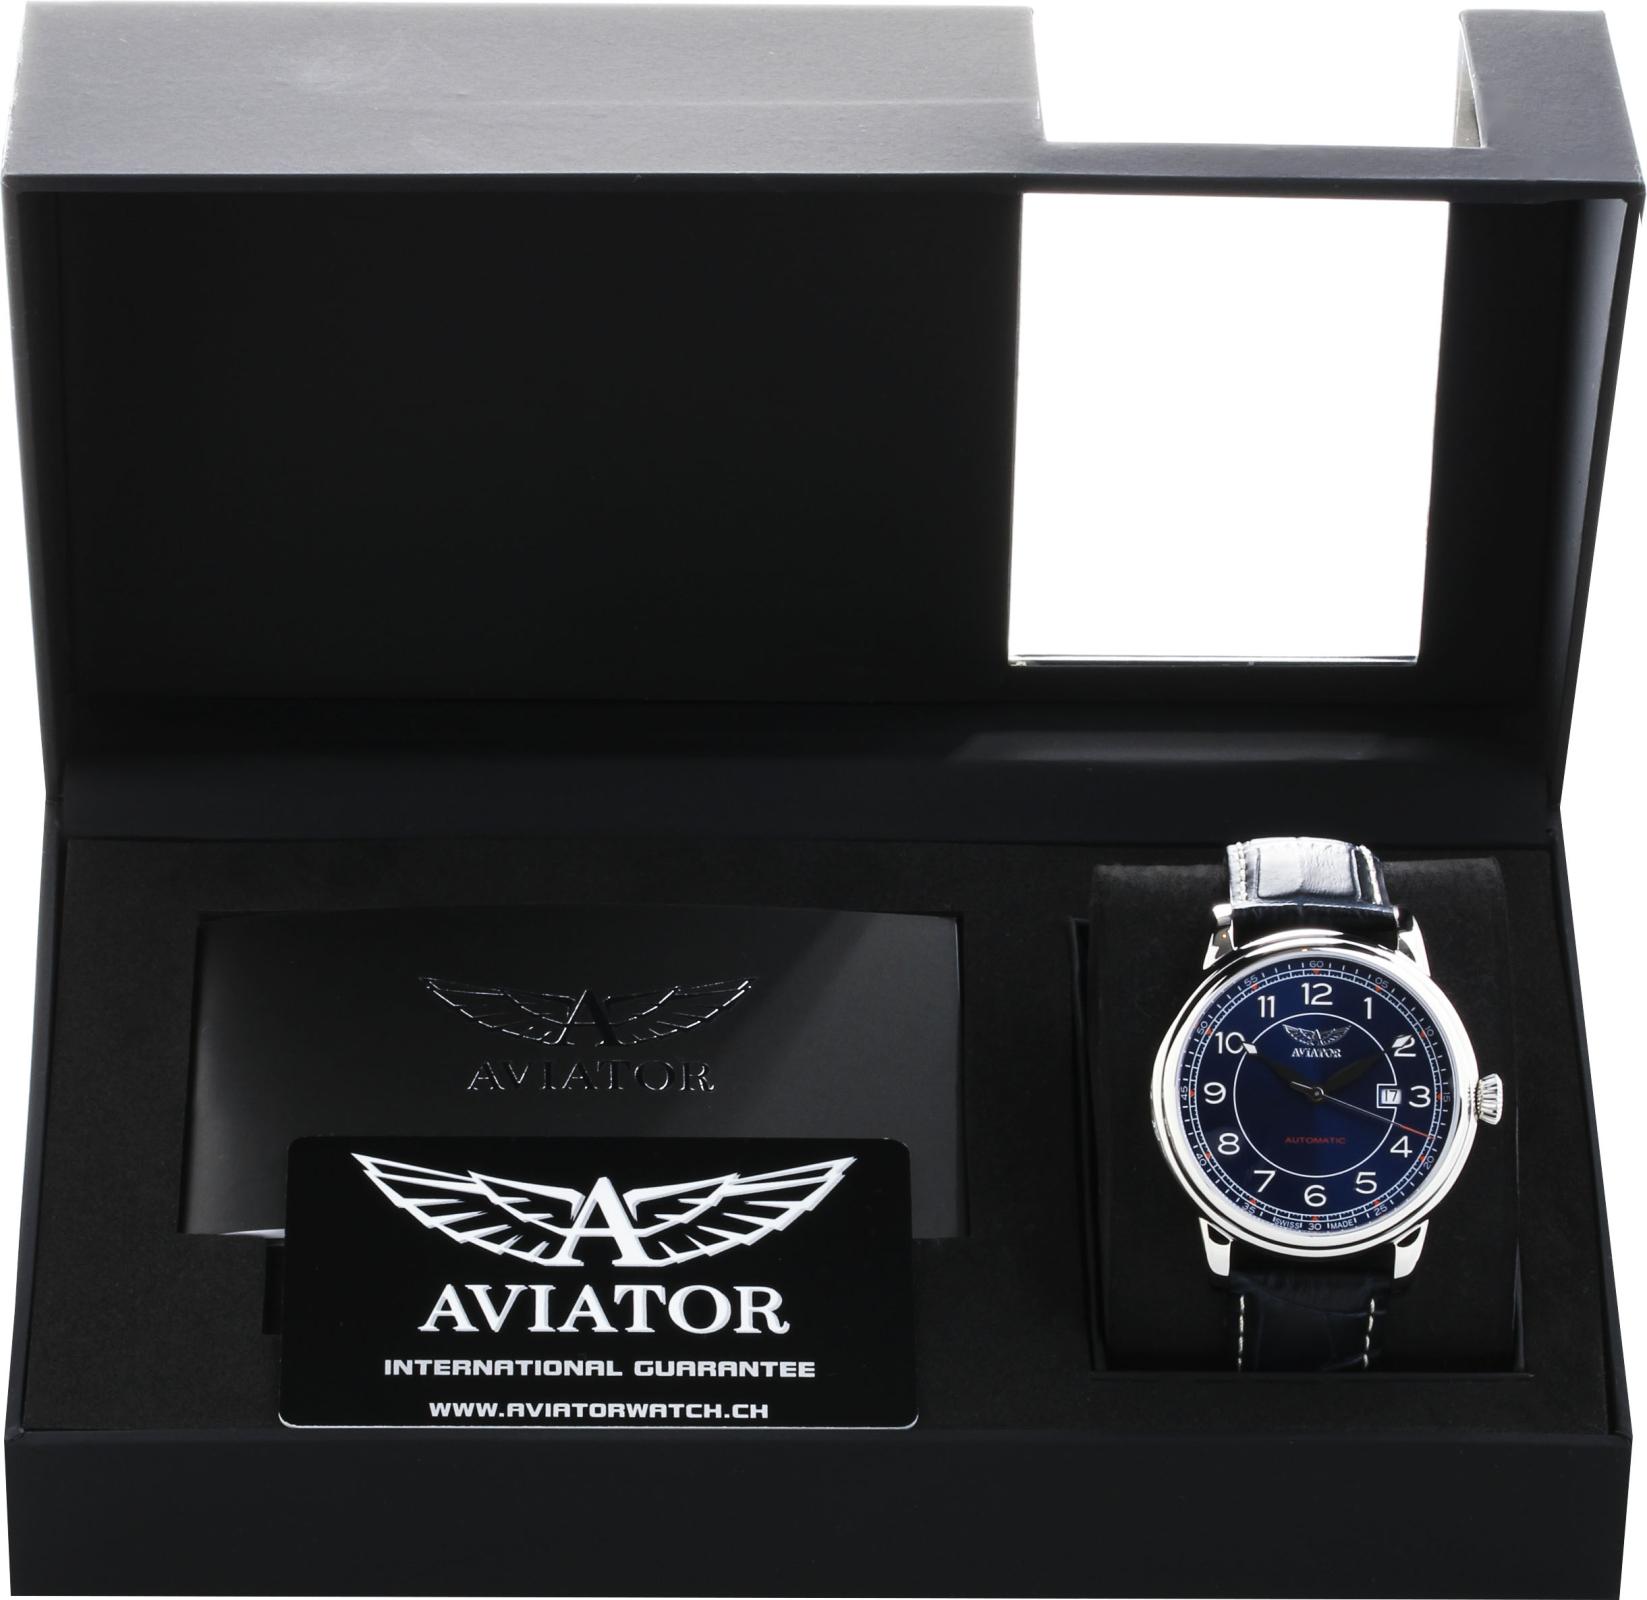 Aviator Douglas V.3.09.0.109.4Наручные часы<br>Швейцарские часы Aviator Douglas V.3.09.0.109.4<br><br>Пол: Мужские<br>Страна-производитель: Швейцария<br>Механизм: Механический<br>Материал корпуса: Сталь<br>Материал ремня/браслета: Кожа<br>Водозащита, диапазон: 20 - 100 м<br>Стекло: Сапфировое<br>Толщина корпуса: 12 мм<br>Стиль: Классика